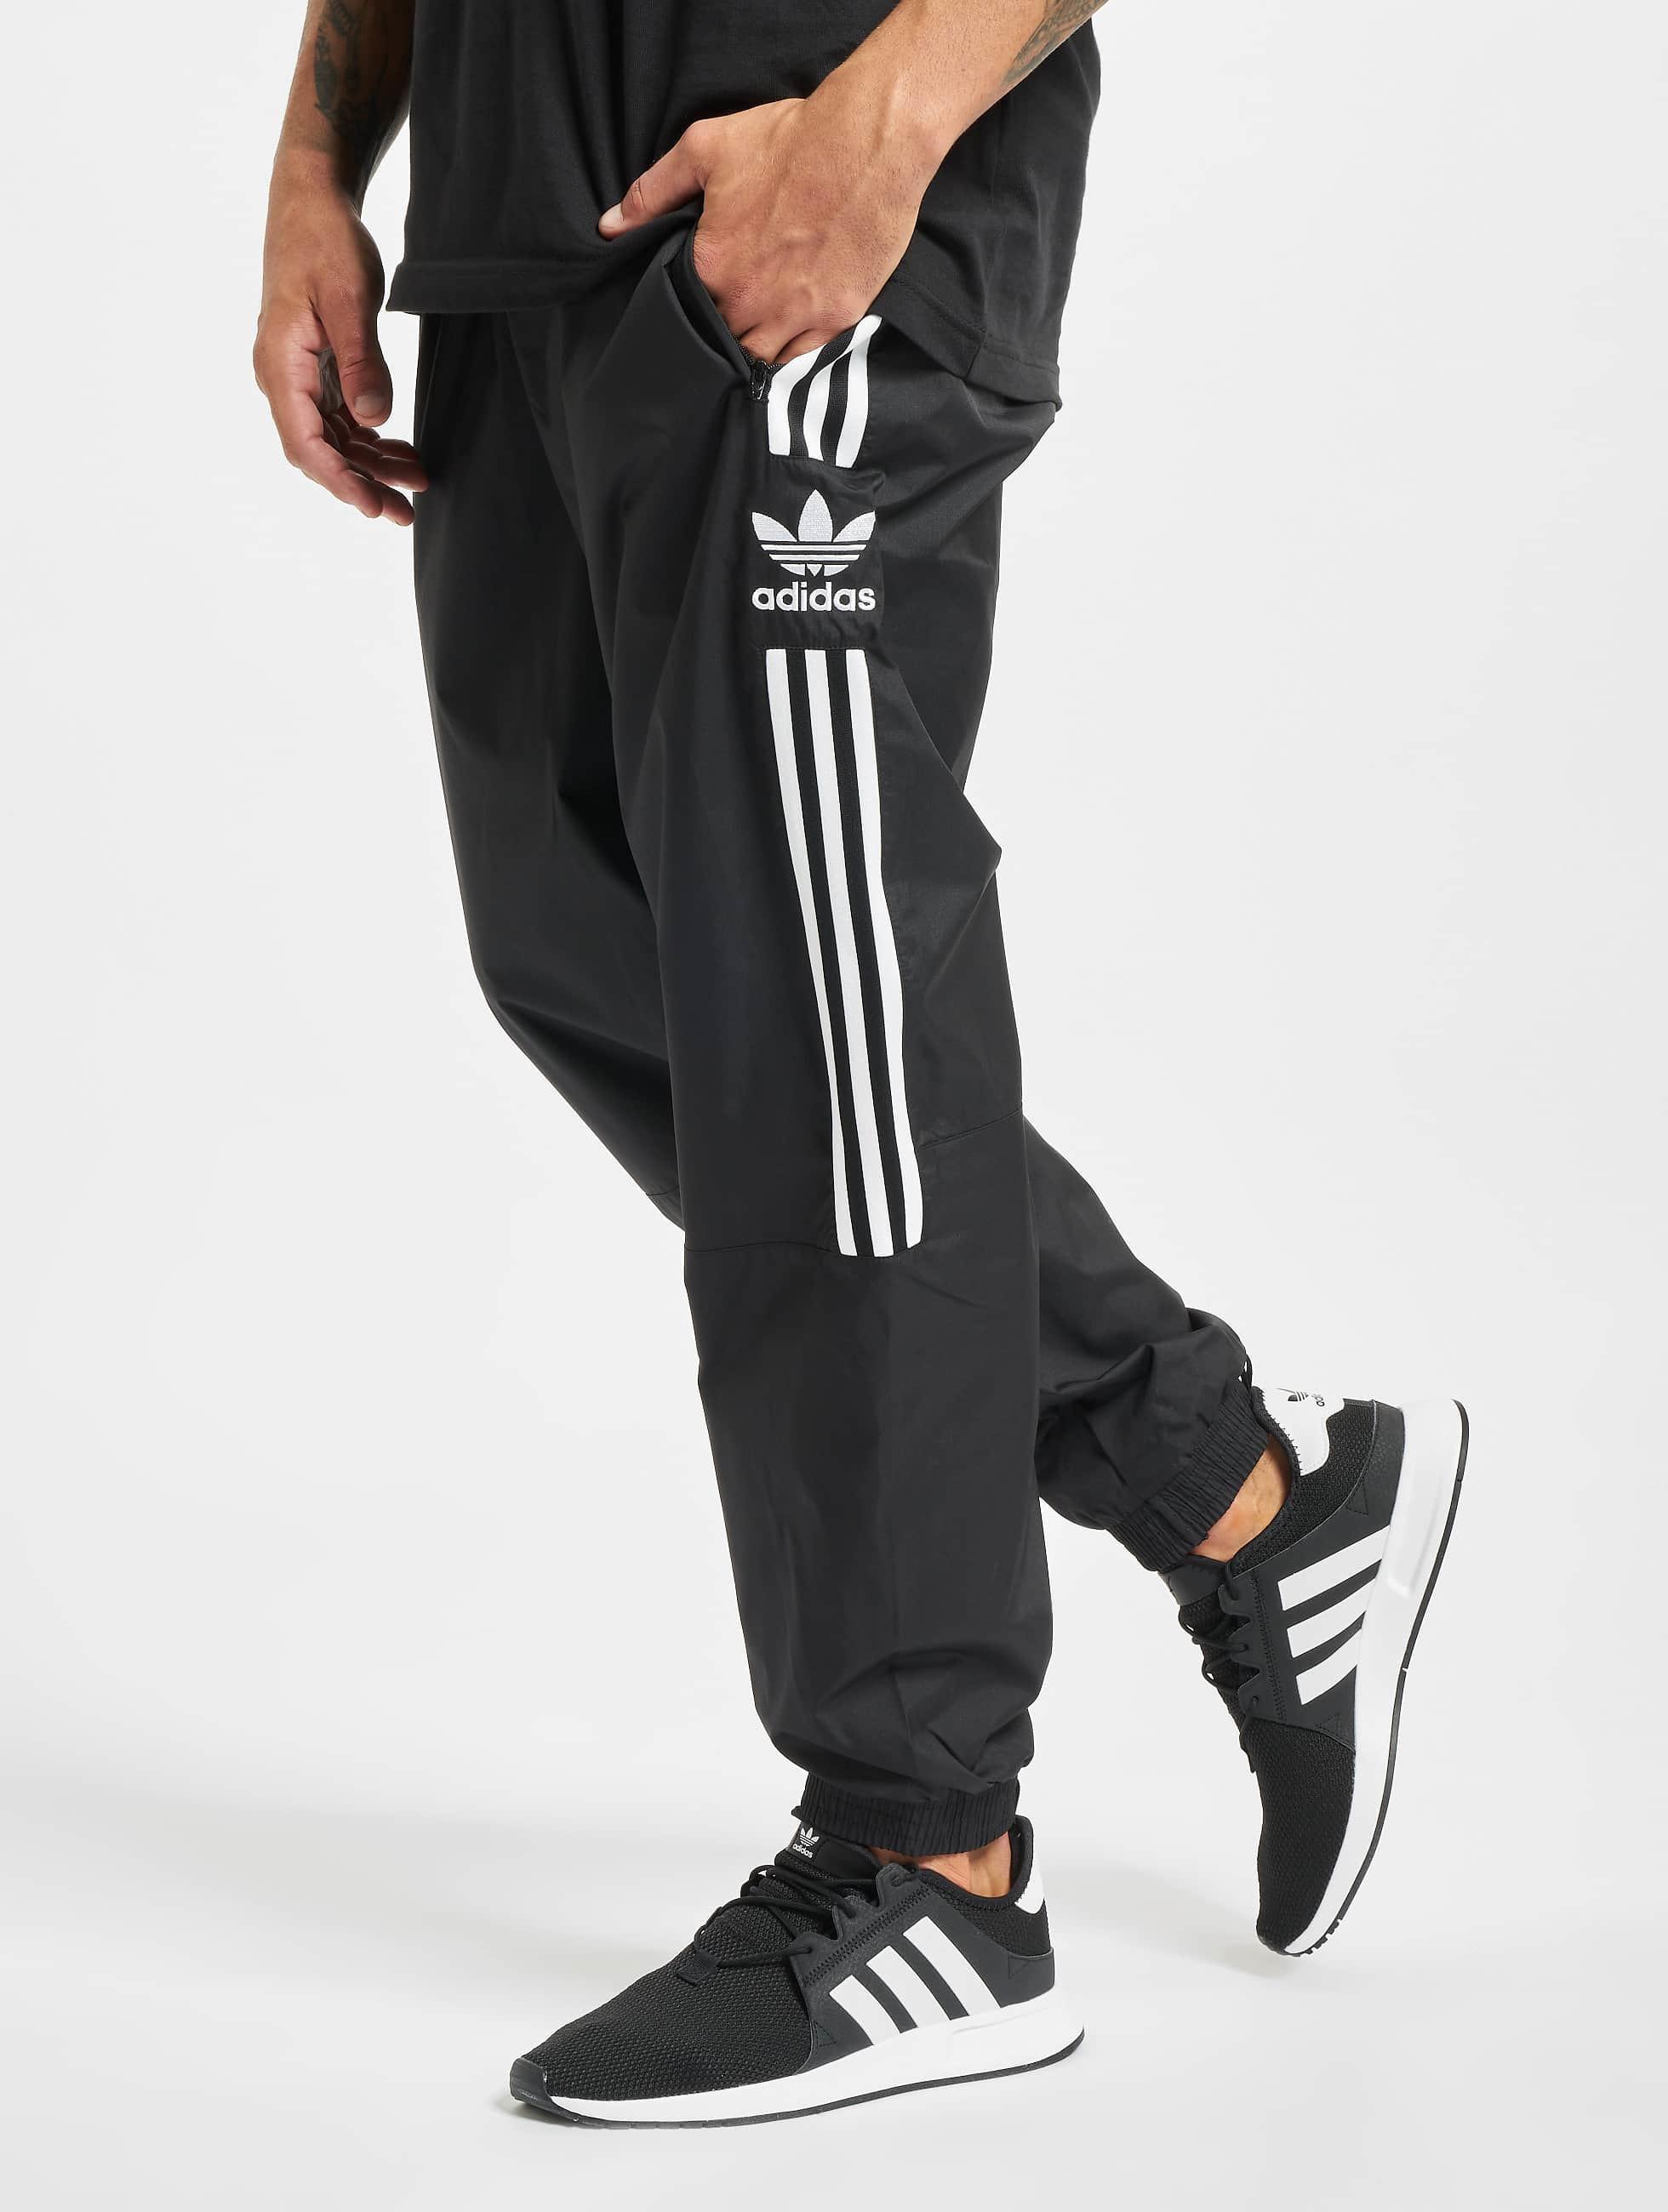 adidas Originals Housut | Lock Up Verryttelyhousut | musta